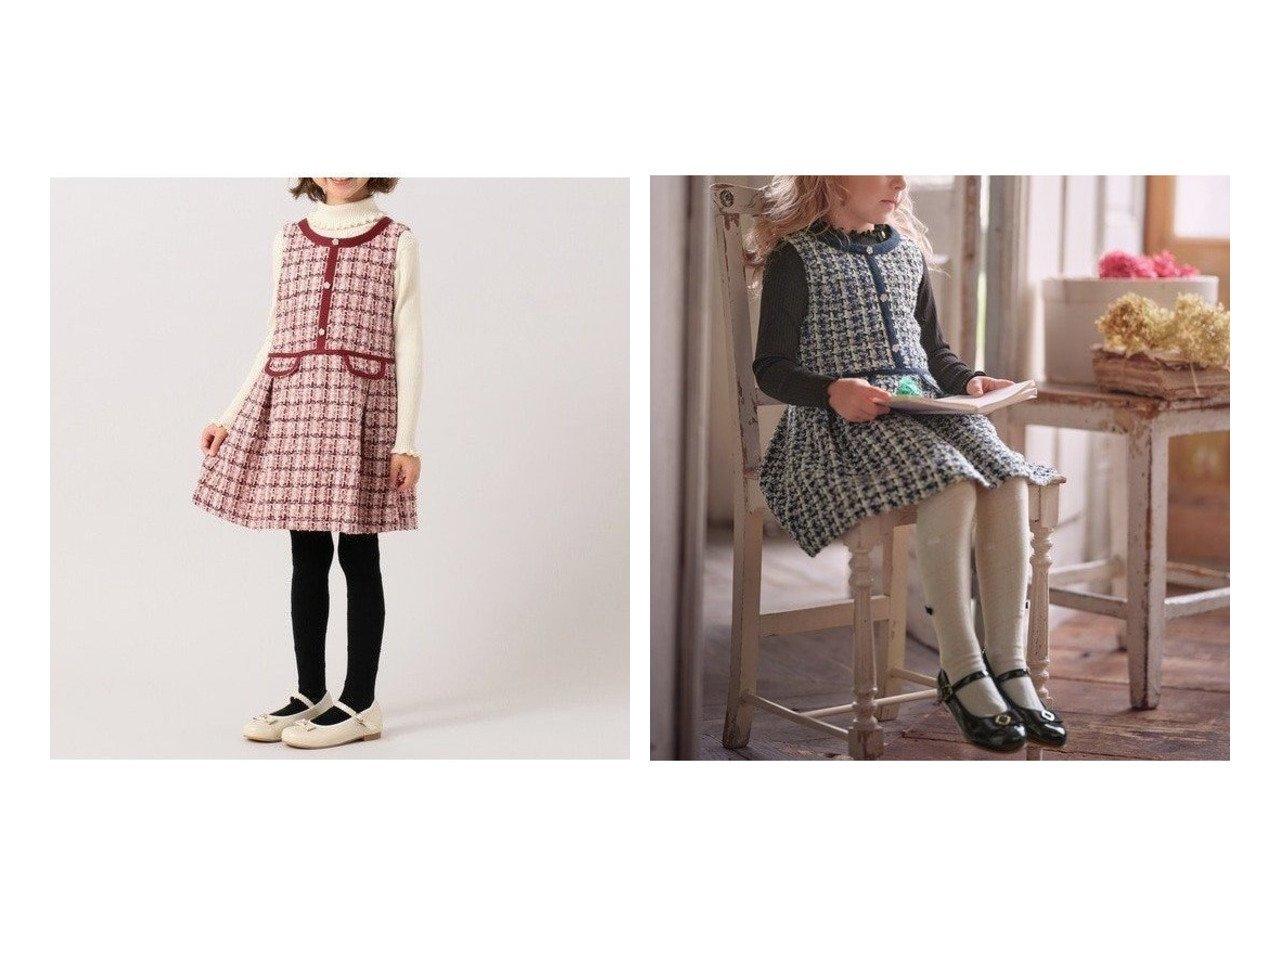 【TOCCA BAMBINI / KIDS/トッカ バンビーニ】の【WEB限定/110-140cm】WINDOW ワンピース 【KIDS】子供服のおすすめ!人気トレンド・キッズファッションの通販 おすすめで人気の流行・トレンド、ファッションの通販商品 メンズファッション・キッズファッション・インテリア・家具・レディースファッション・服の通販 founy(ファニー) https://founy.com/ ファッション Fashion キッズファッション KIDS ワンピース Dress Kids クラシック タートル ツイード トリミング フラワー ミックス ローズ |ID:crp329100000009011